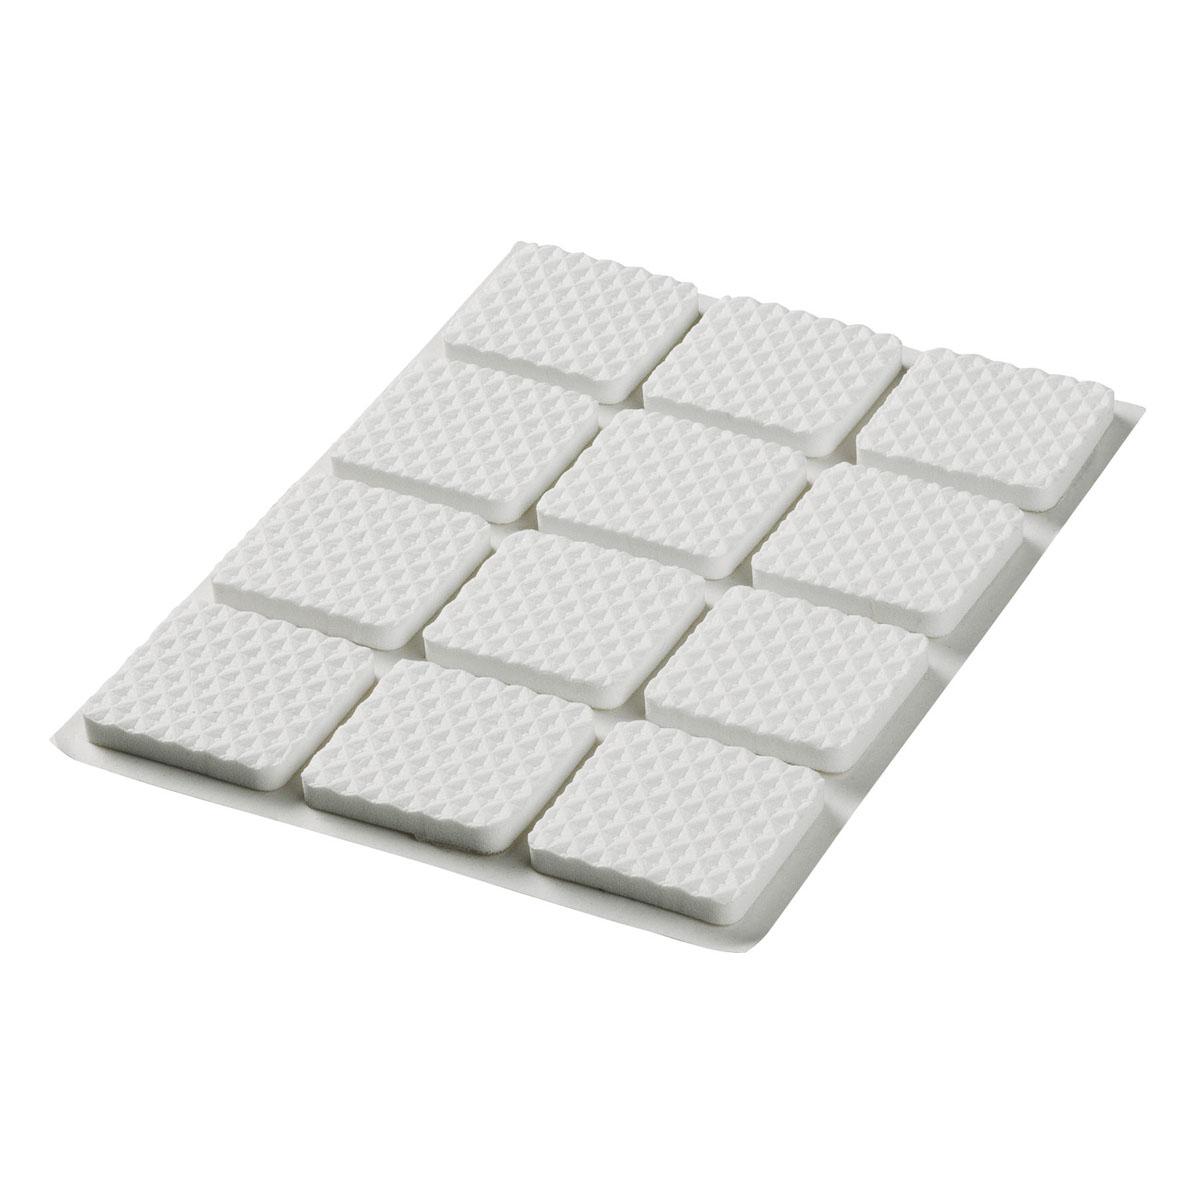 Наклейки на мебельные ножки 12шт, 2,5х2,5cм62738Предназначены для предохранения полового покрытия от царапин